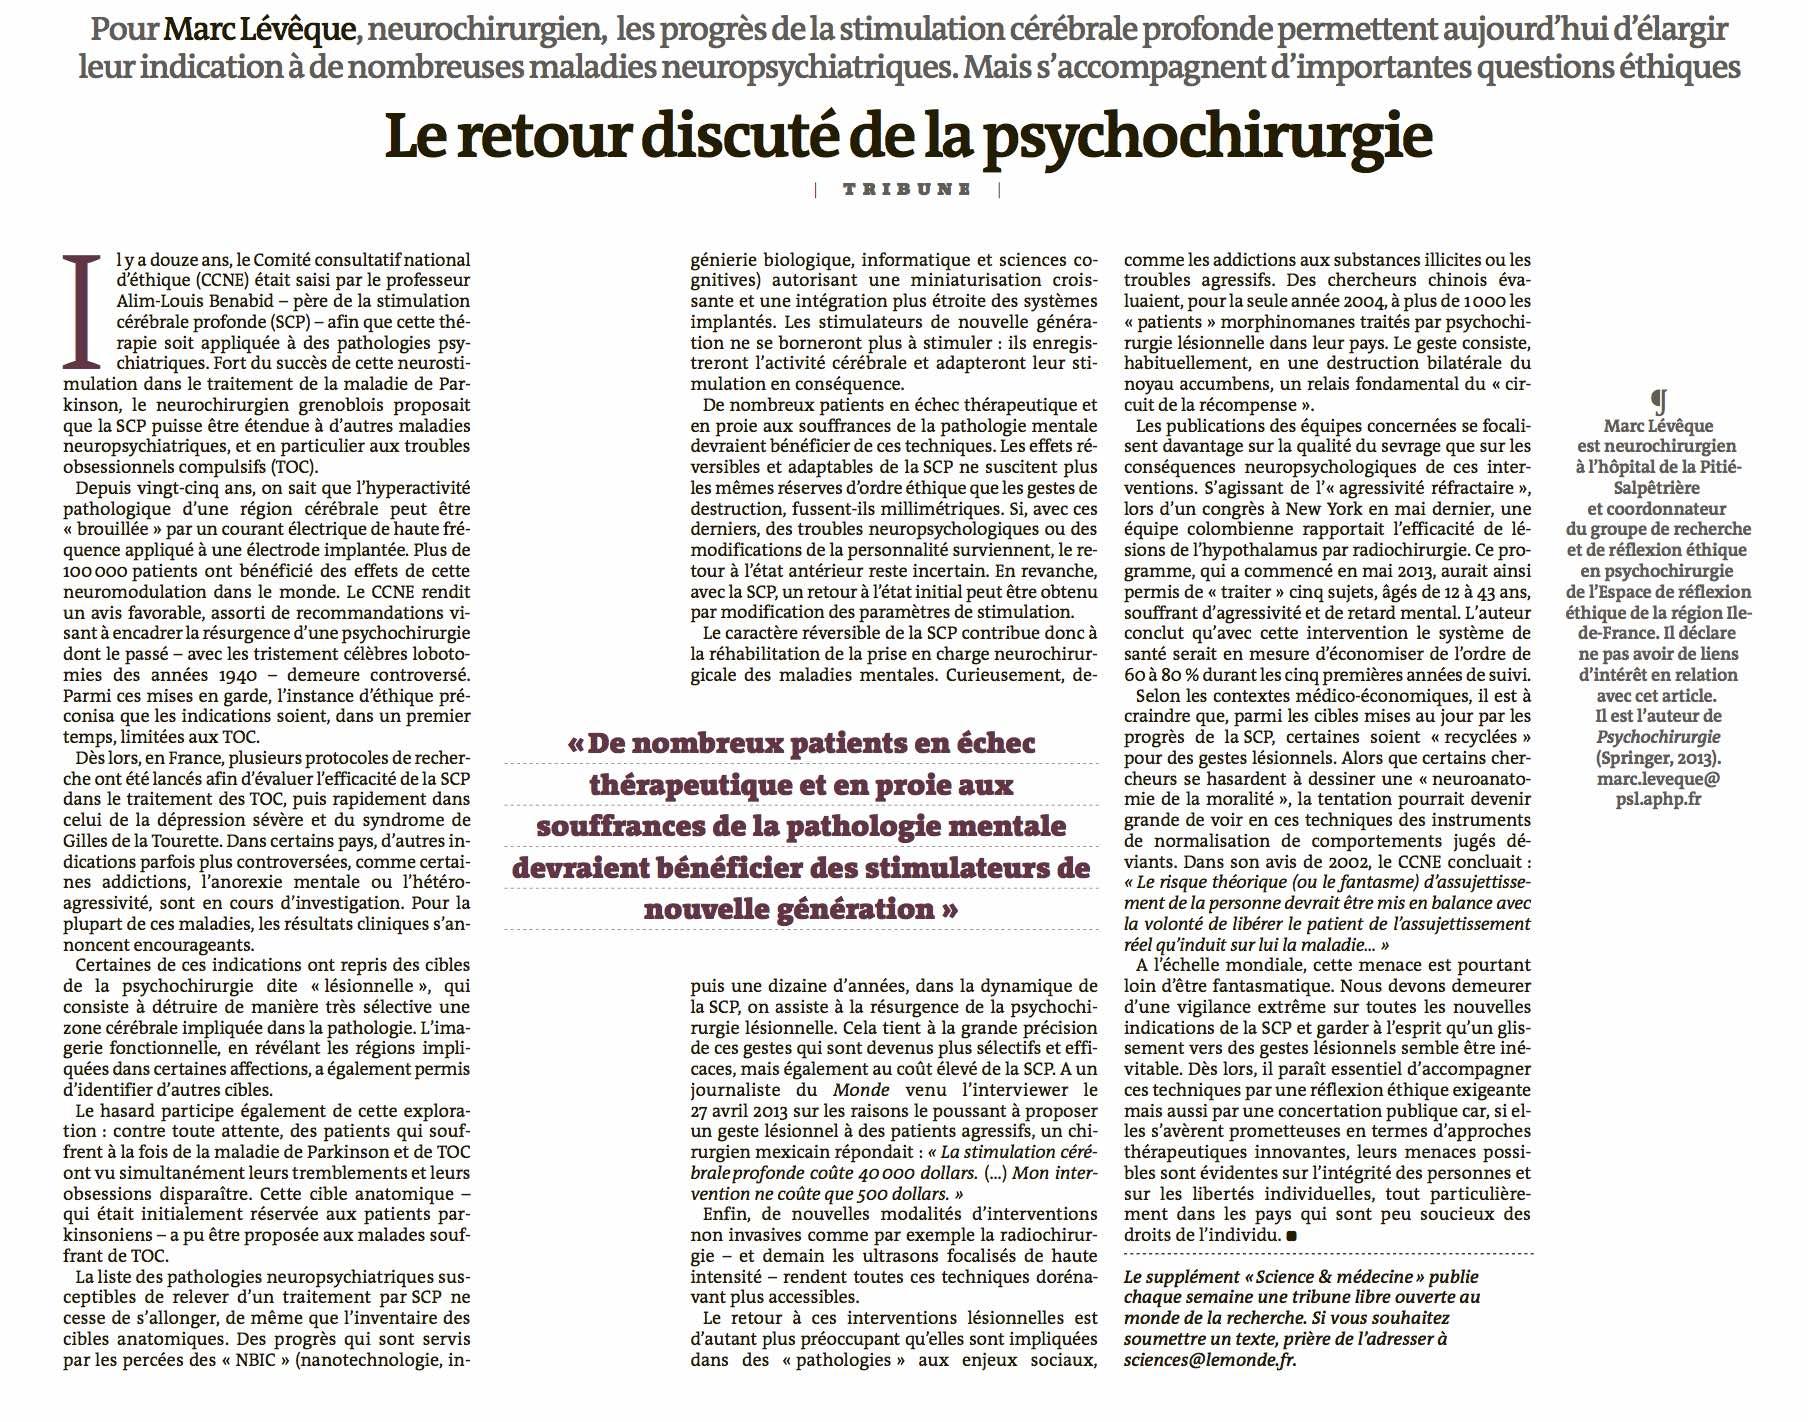 Le Monde - Le retour discuté de la psychochirurgie - 25/08/14